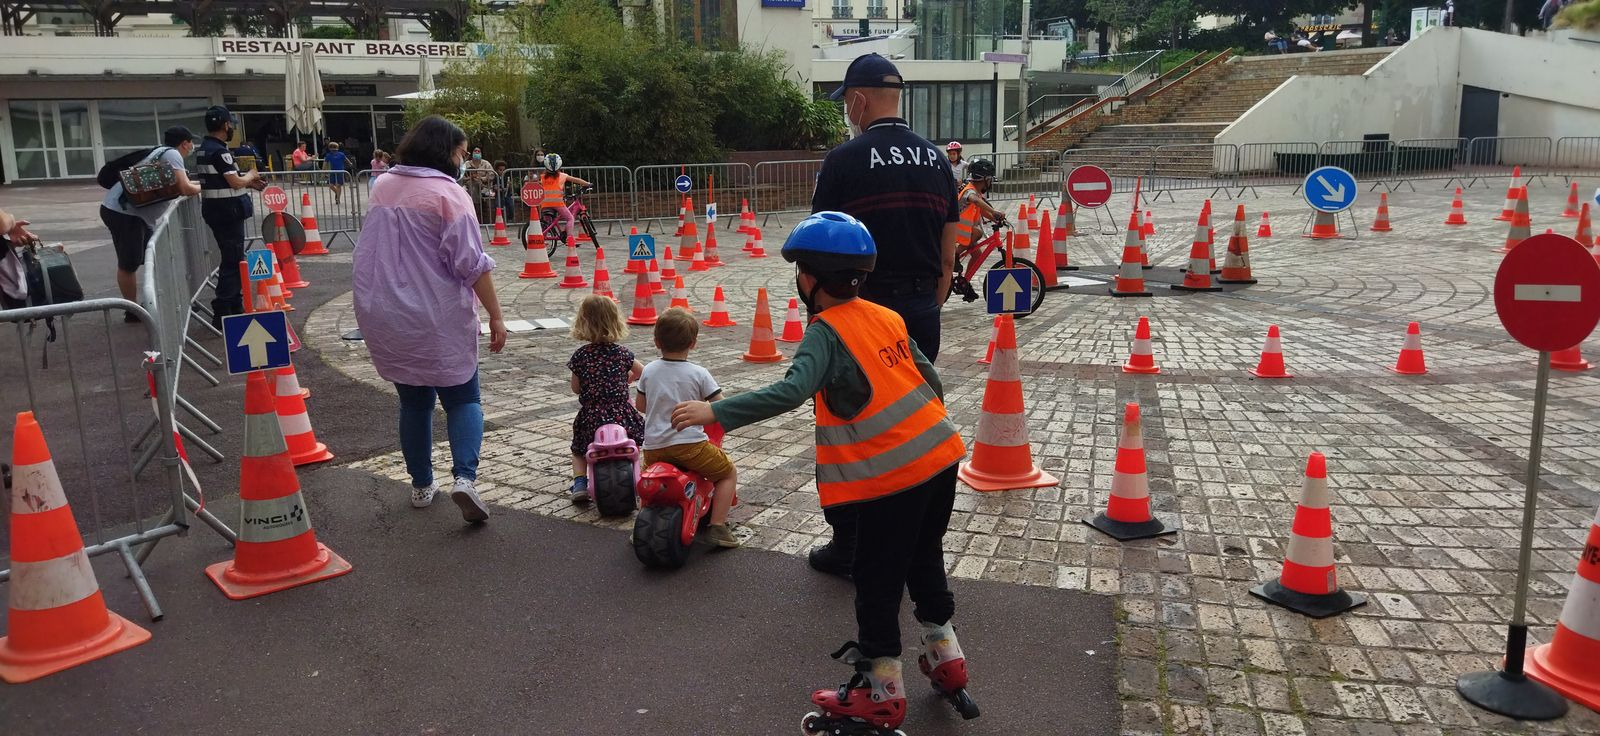 Journée sécurité routière du 5 juin place Henri Neveu 10H 17H : voiture tonneau, casques de réalité virtuelle, atelier MDB...